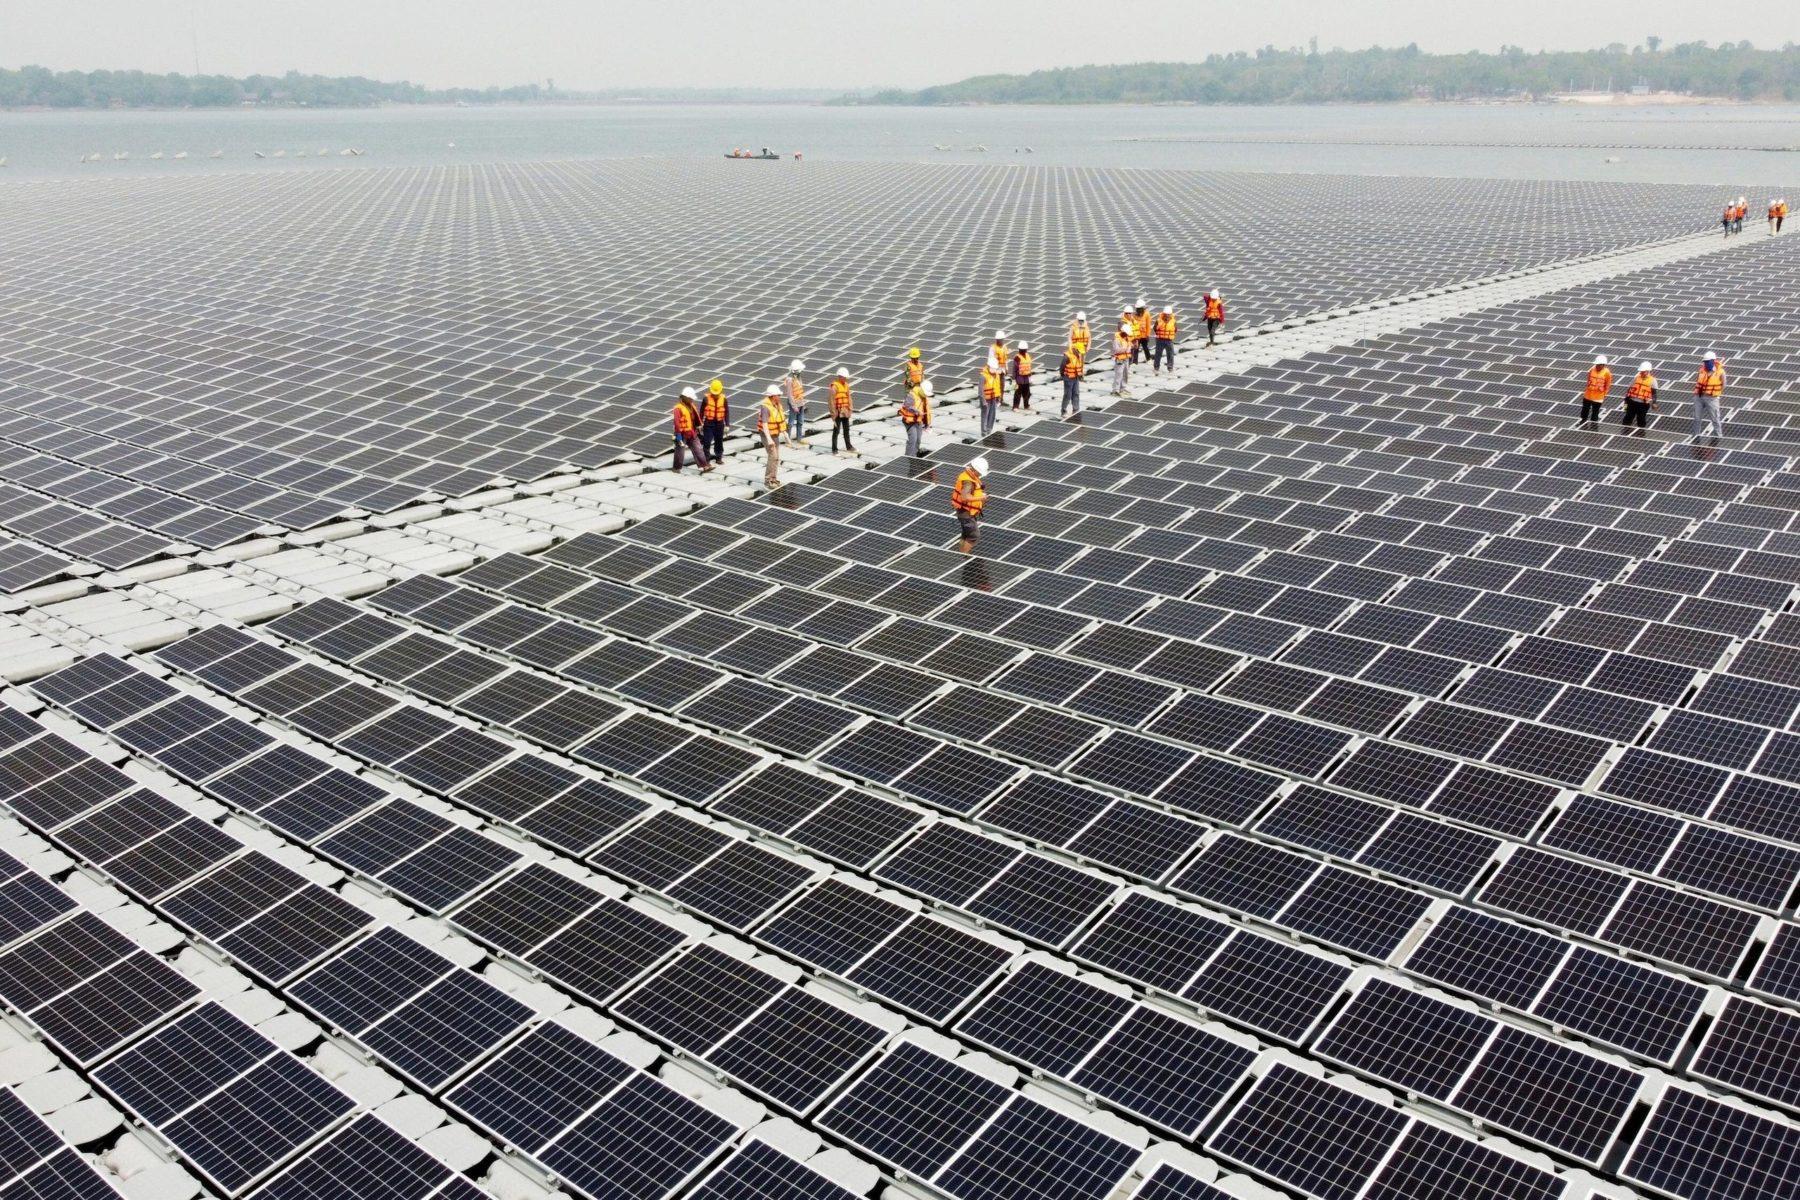 Trang trại năng lượng mặt trời nổi tại Thái Lan. Ảnh: Alamy